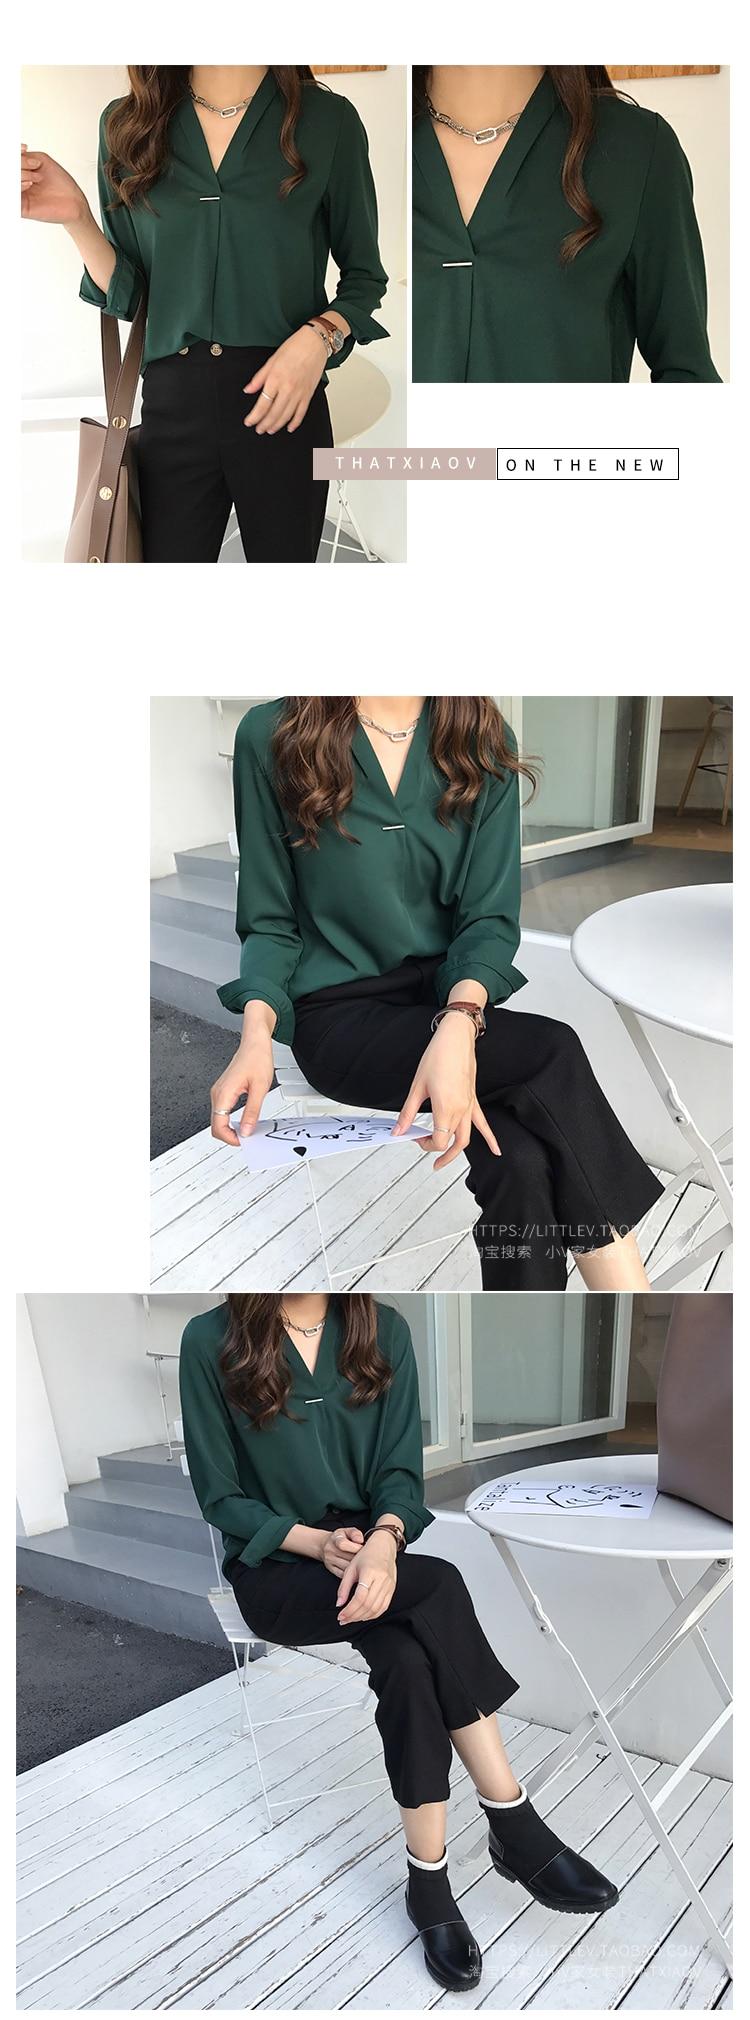 women chiffon blouse shirt long sleeve women shirts fashion womens tops and blouses 2020 3XL 4XL plus size women tops 1681 50